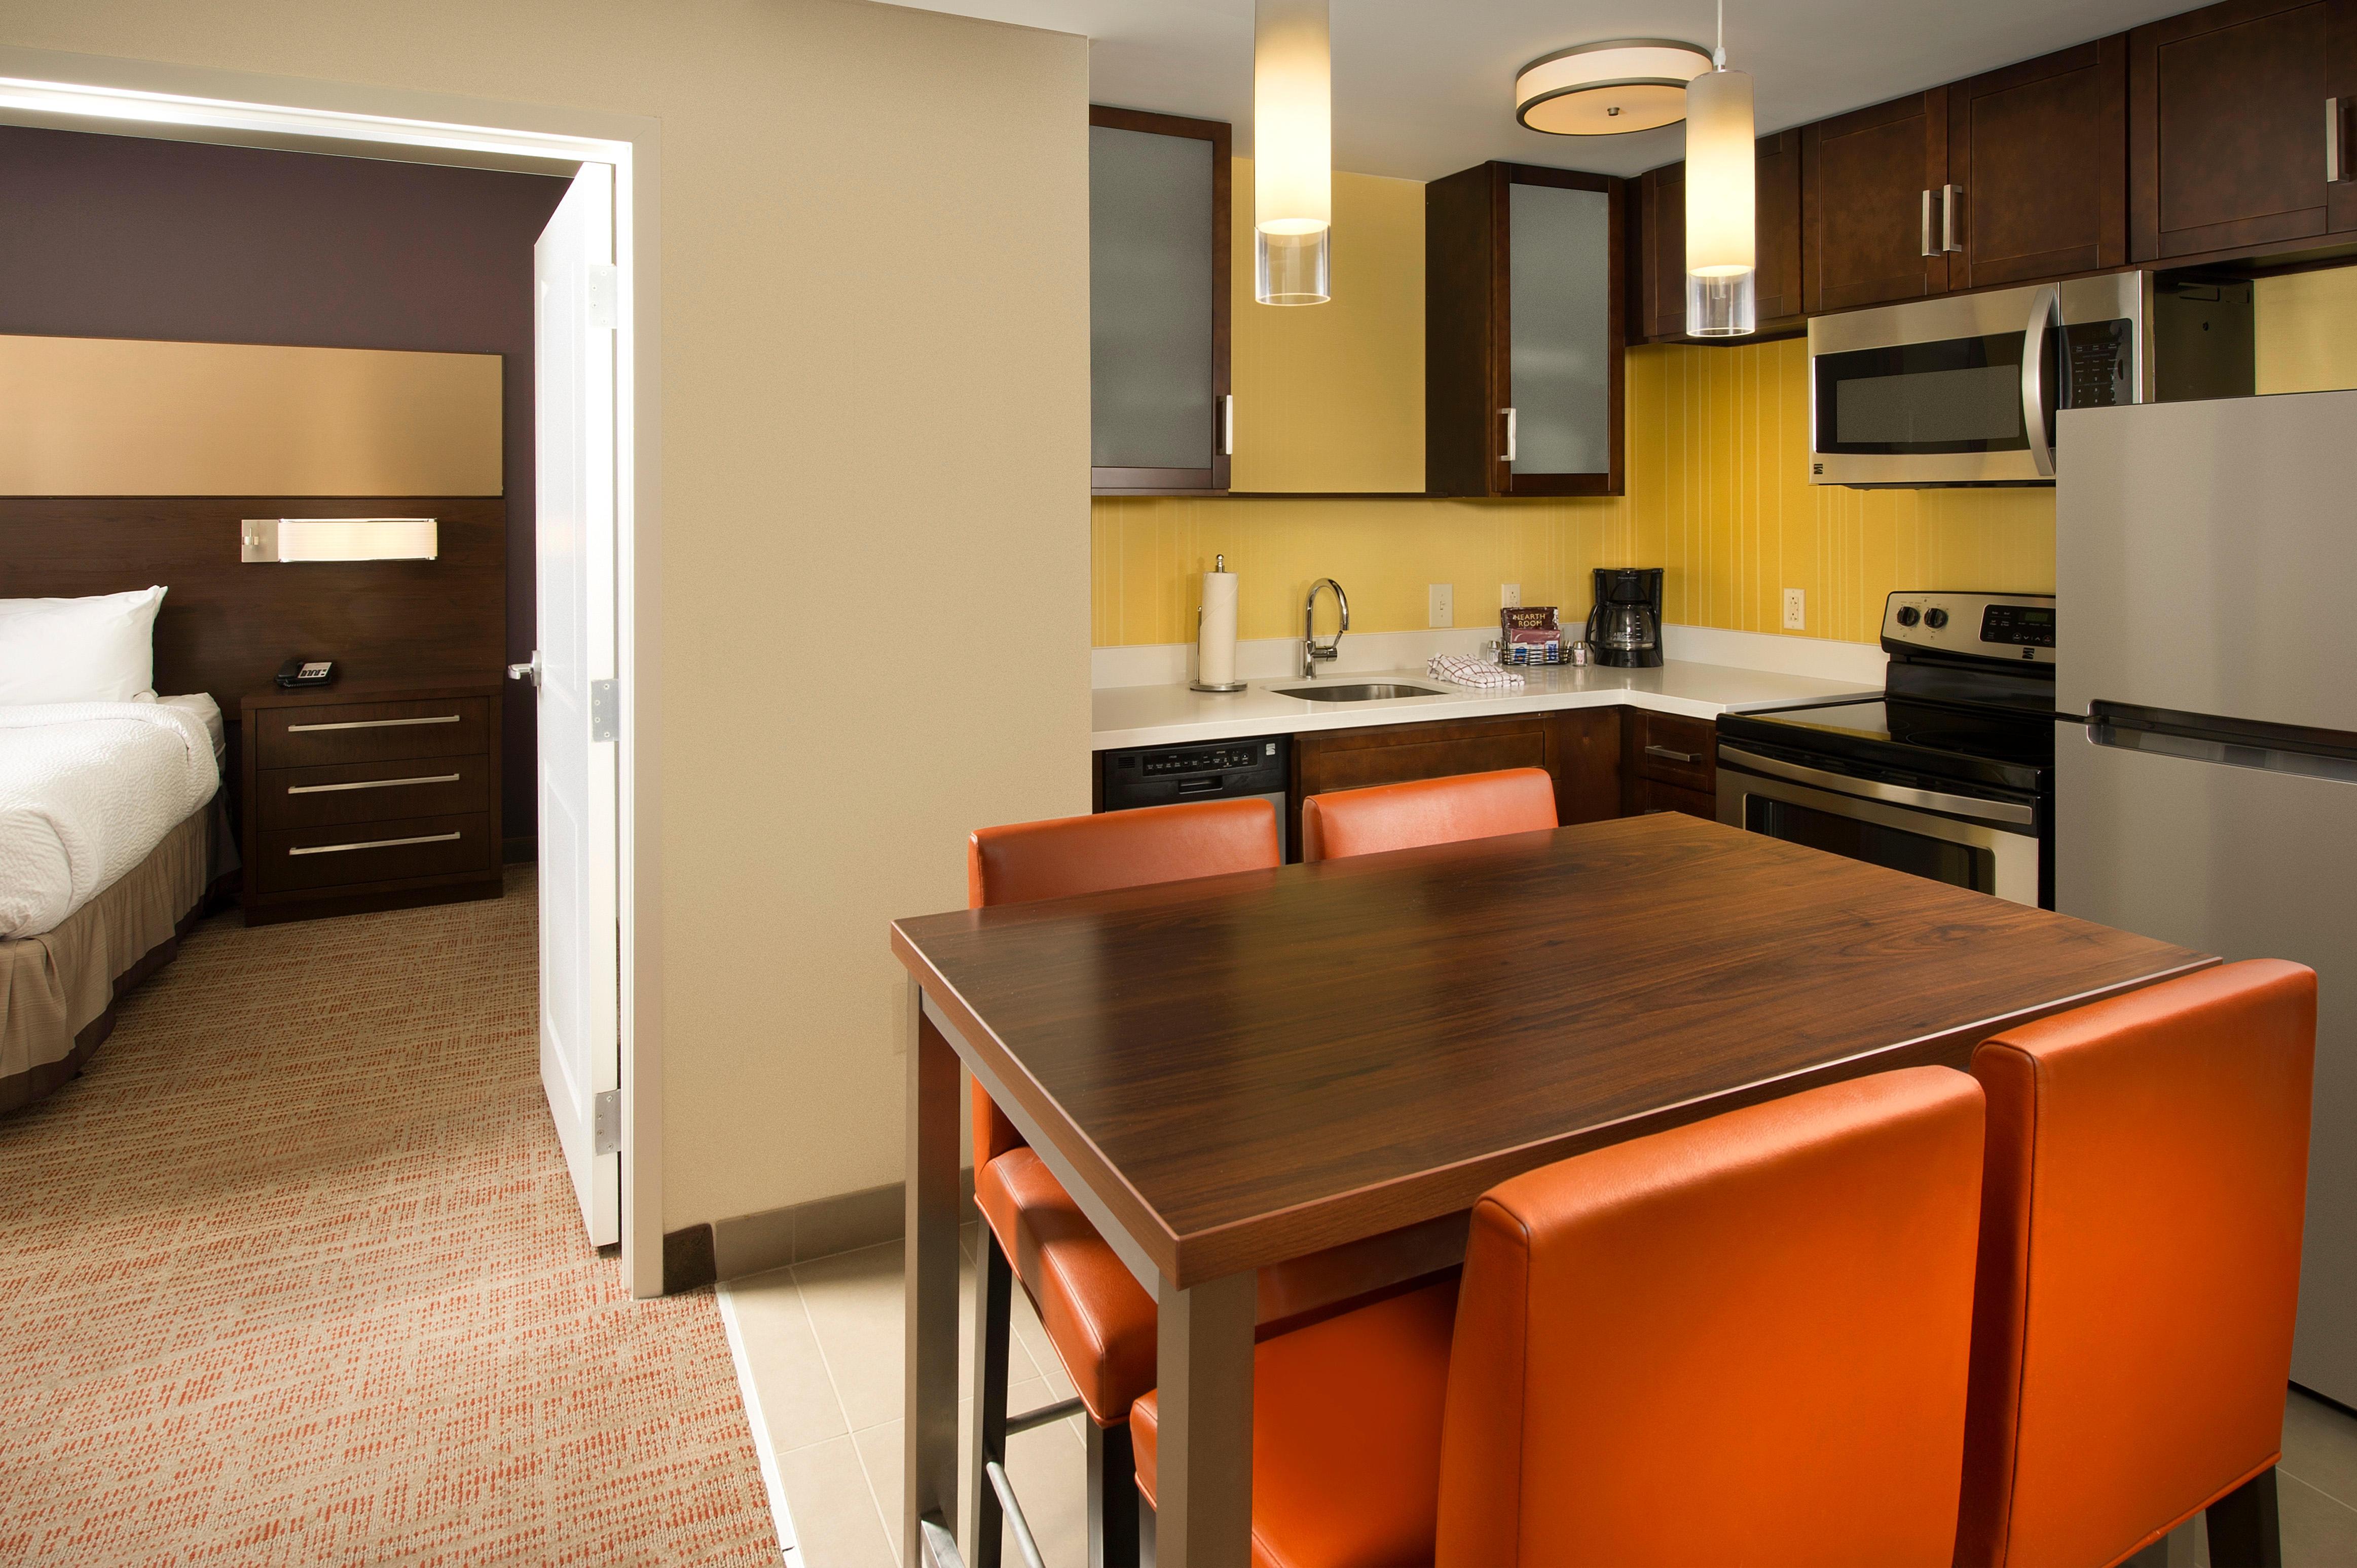 Residence Inn by Marriott Nashville SE/Murfreesboro image 10